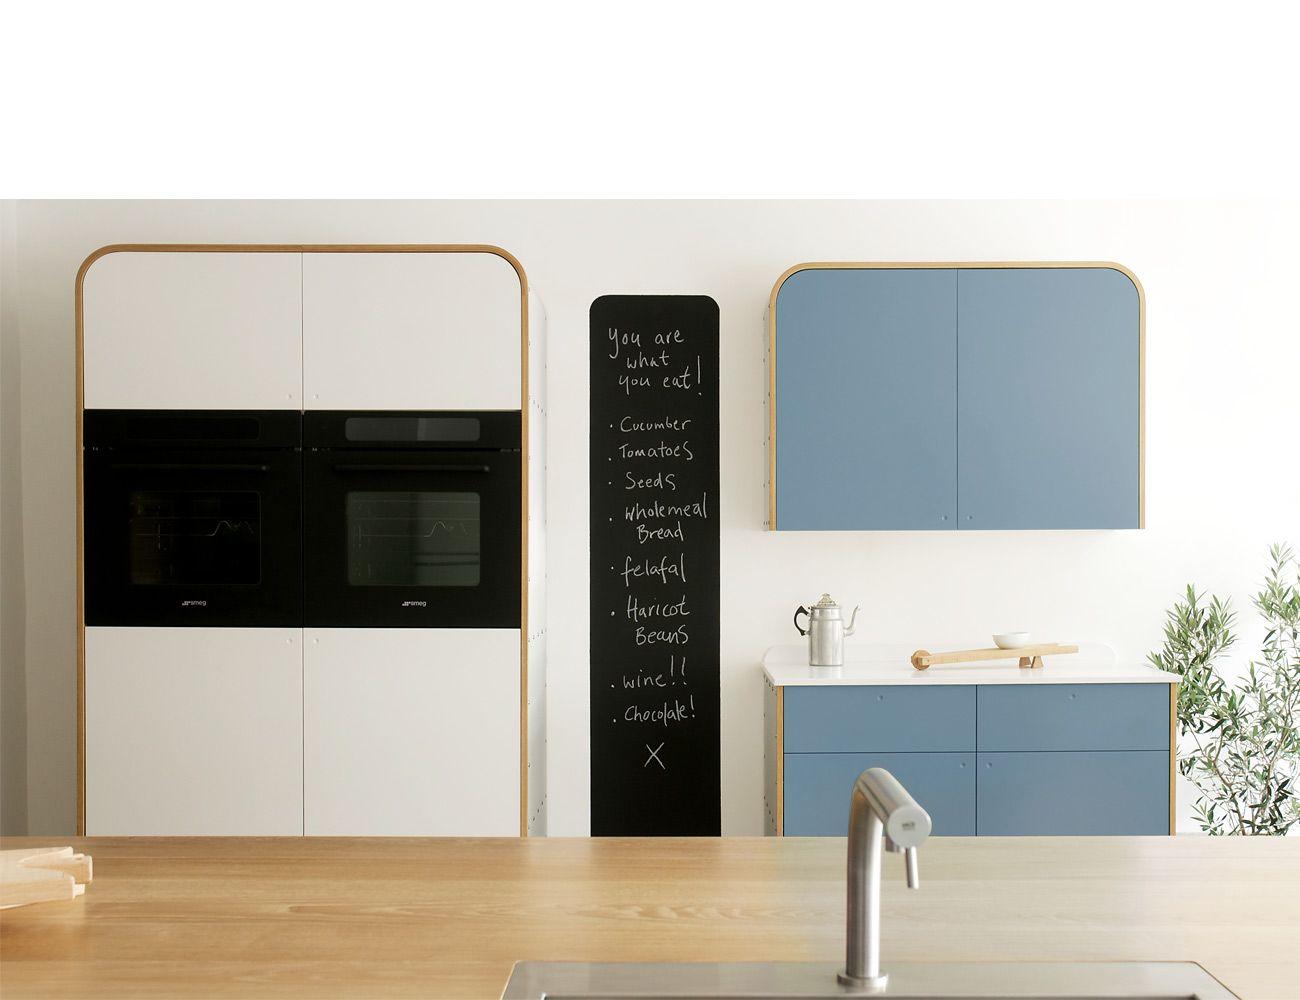 Air by deVOL | deVOL Kitchens Ltd | Airstream Kitchen